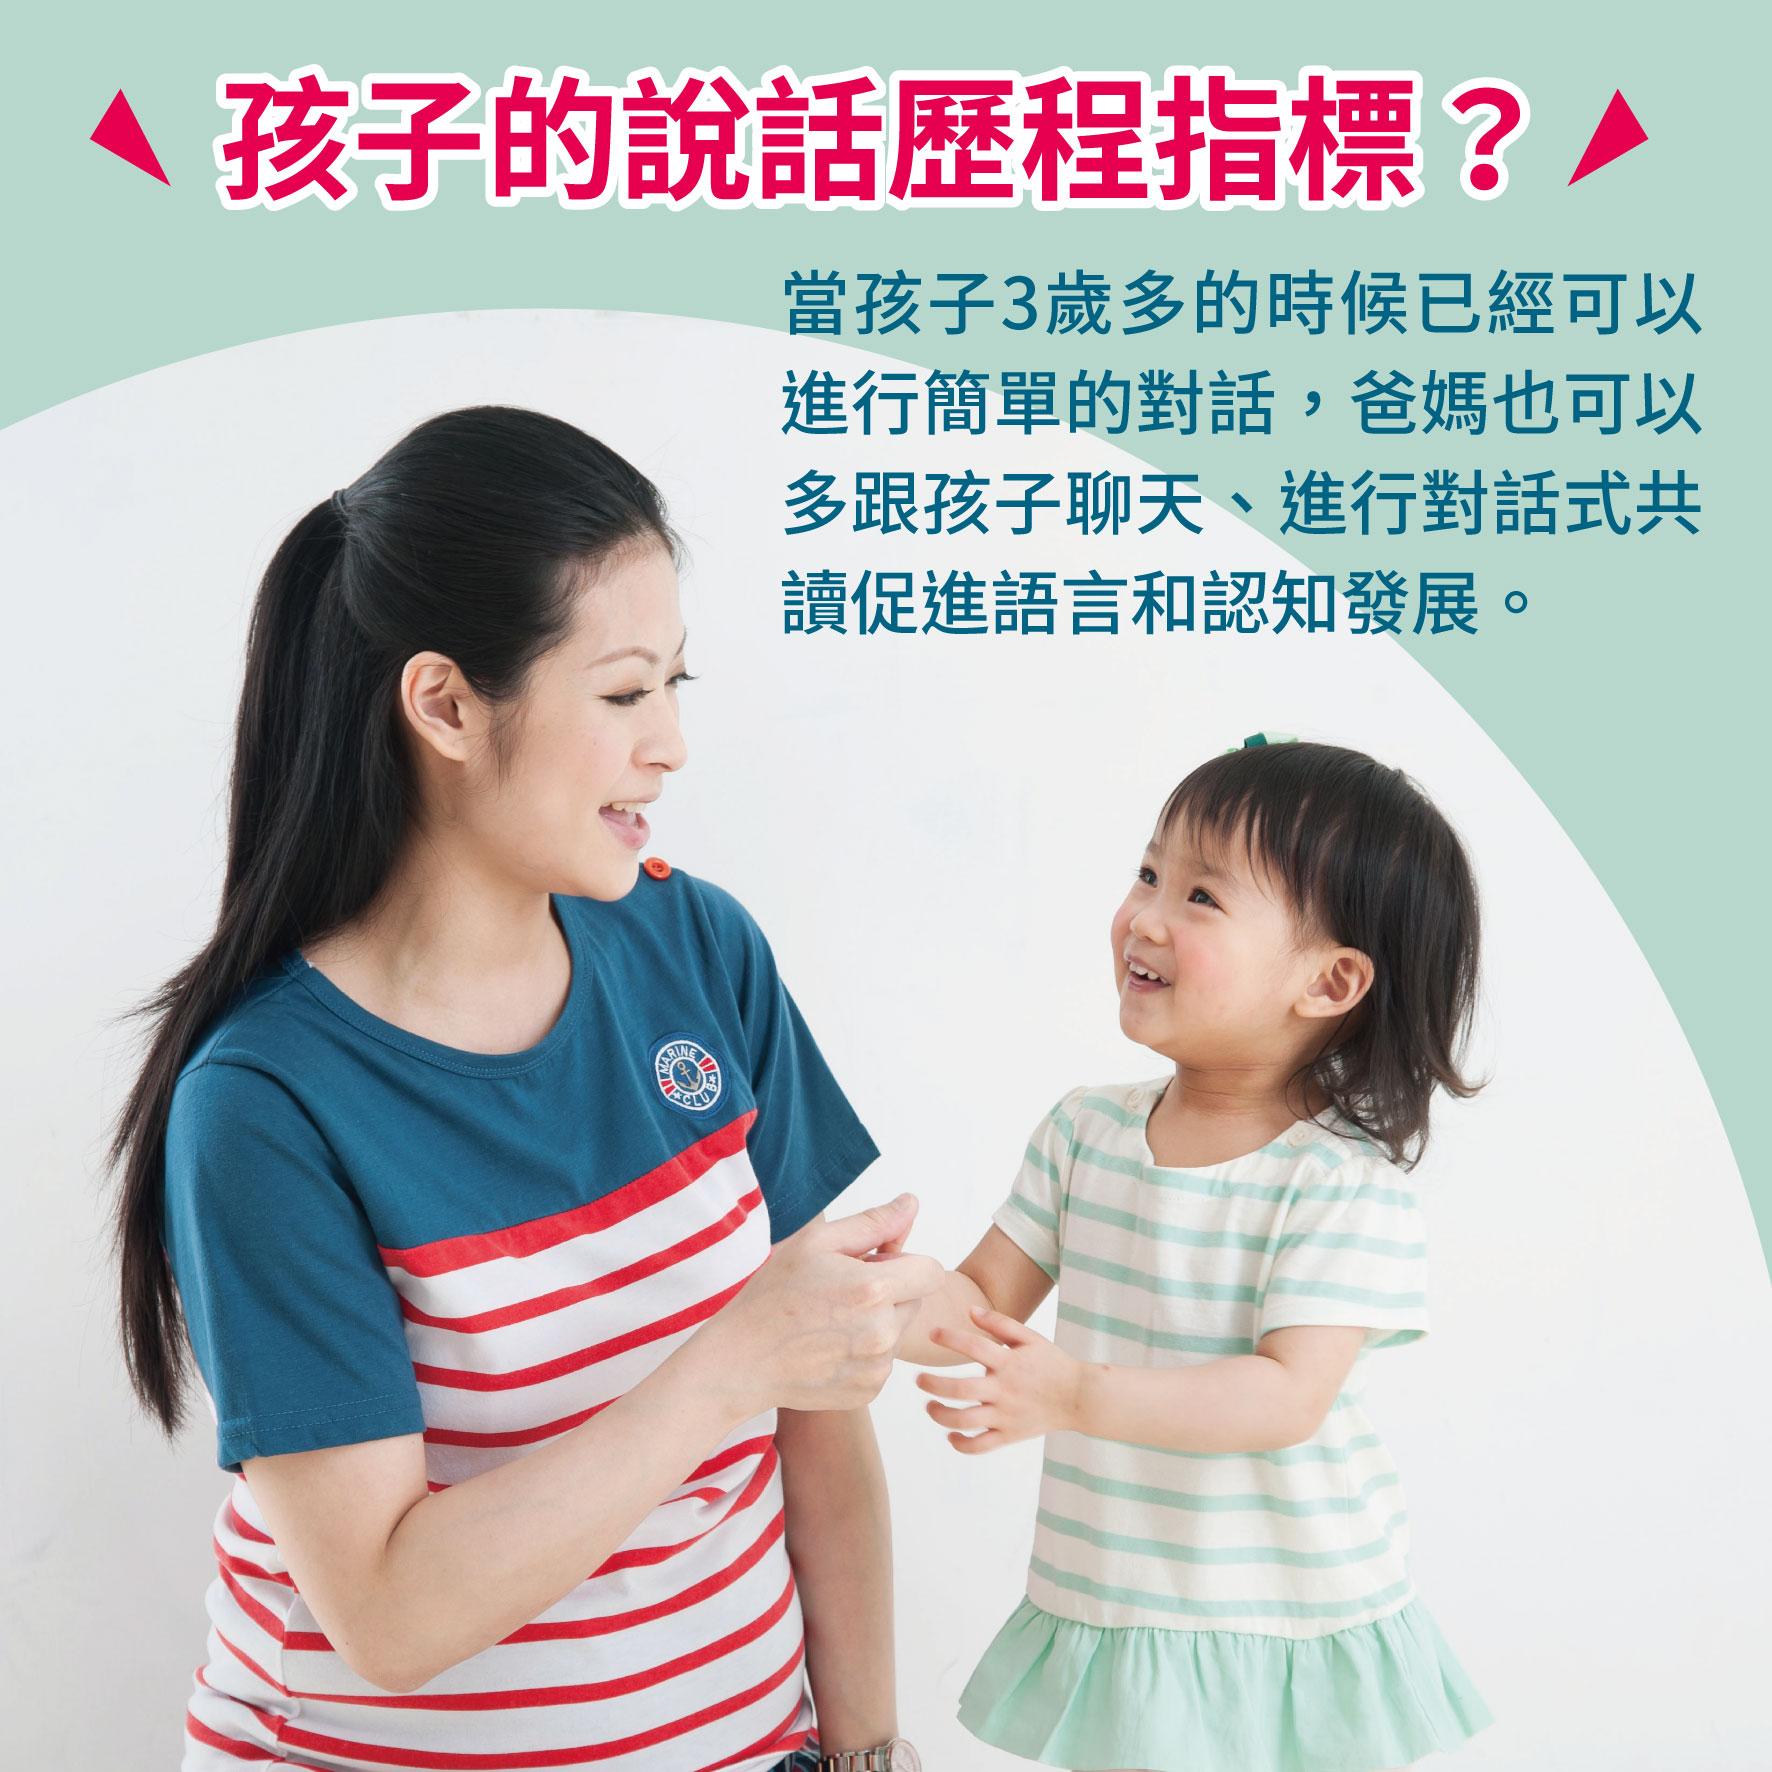 幼兒3歲 (第40週)孩子的說話歷程指標?